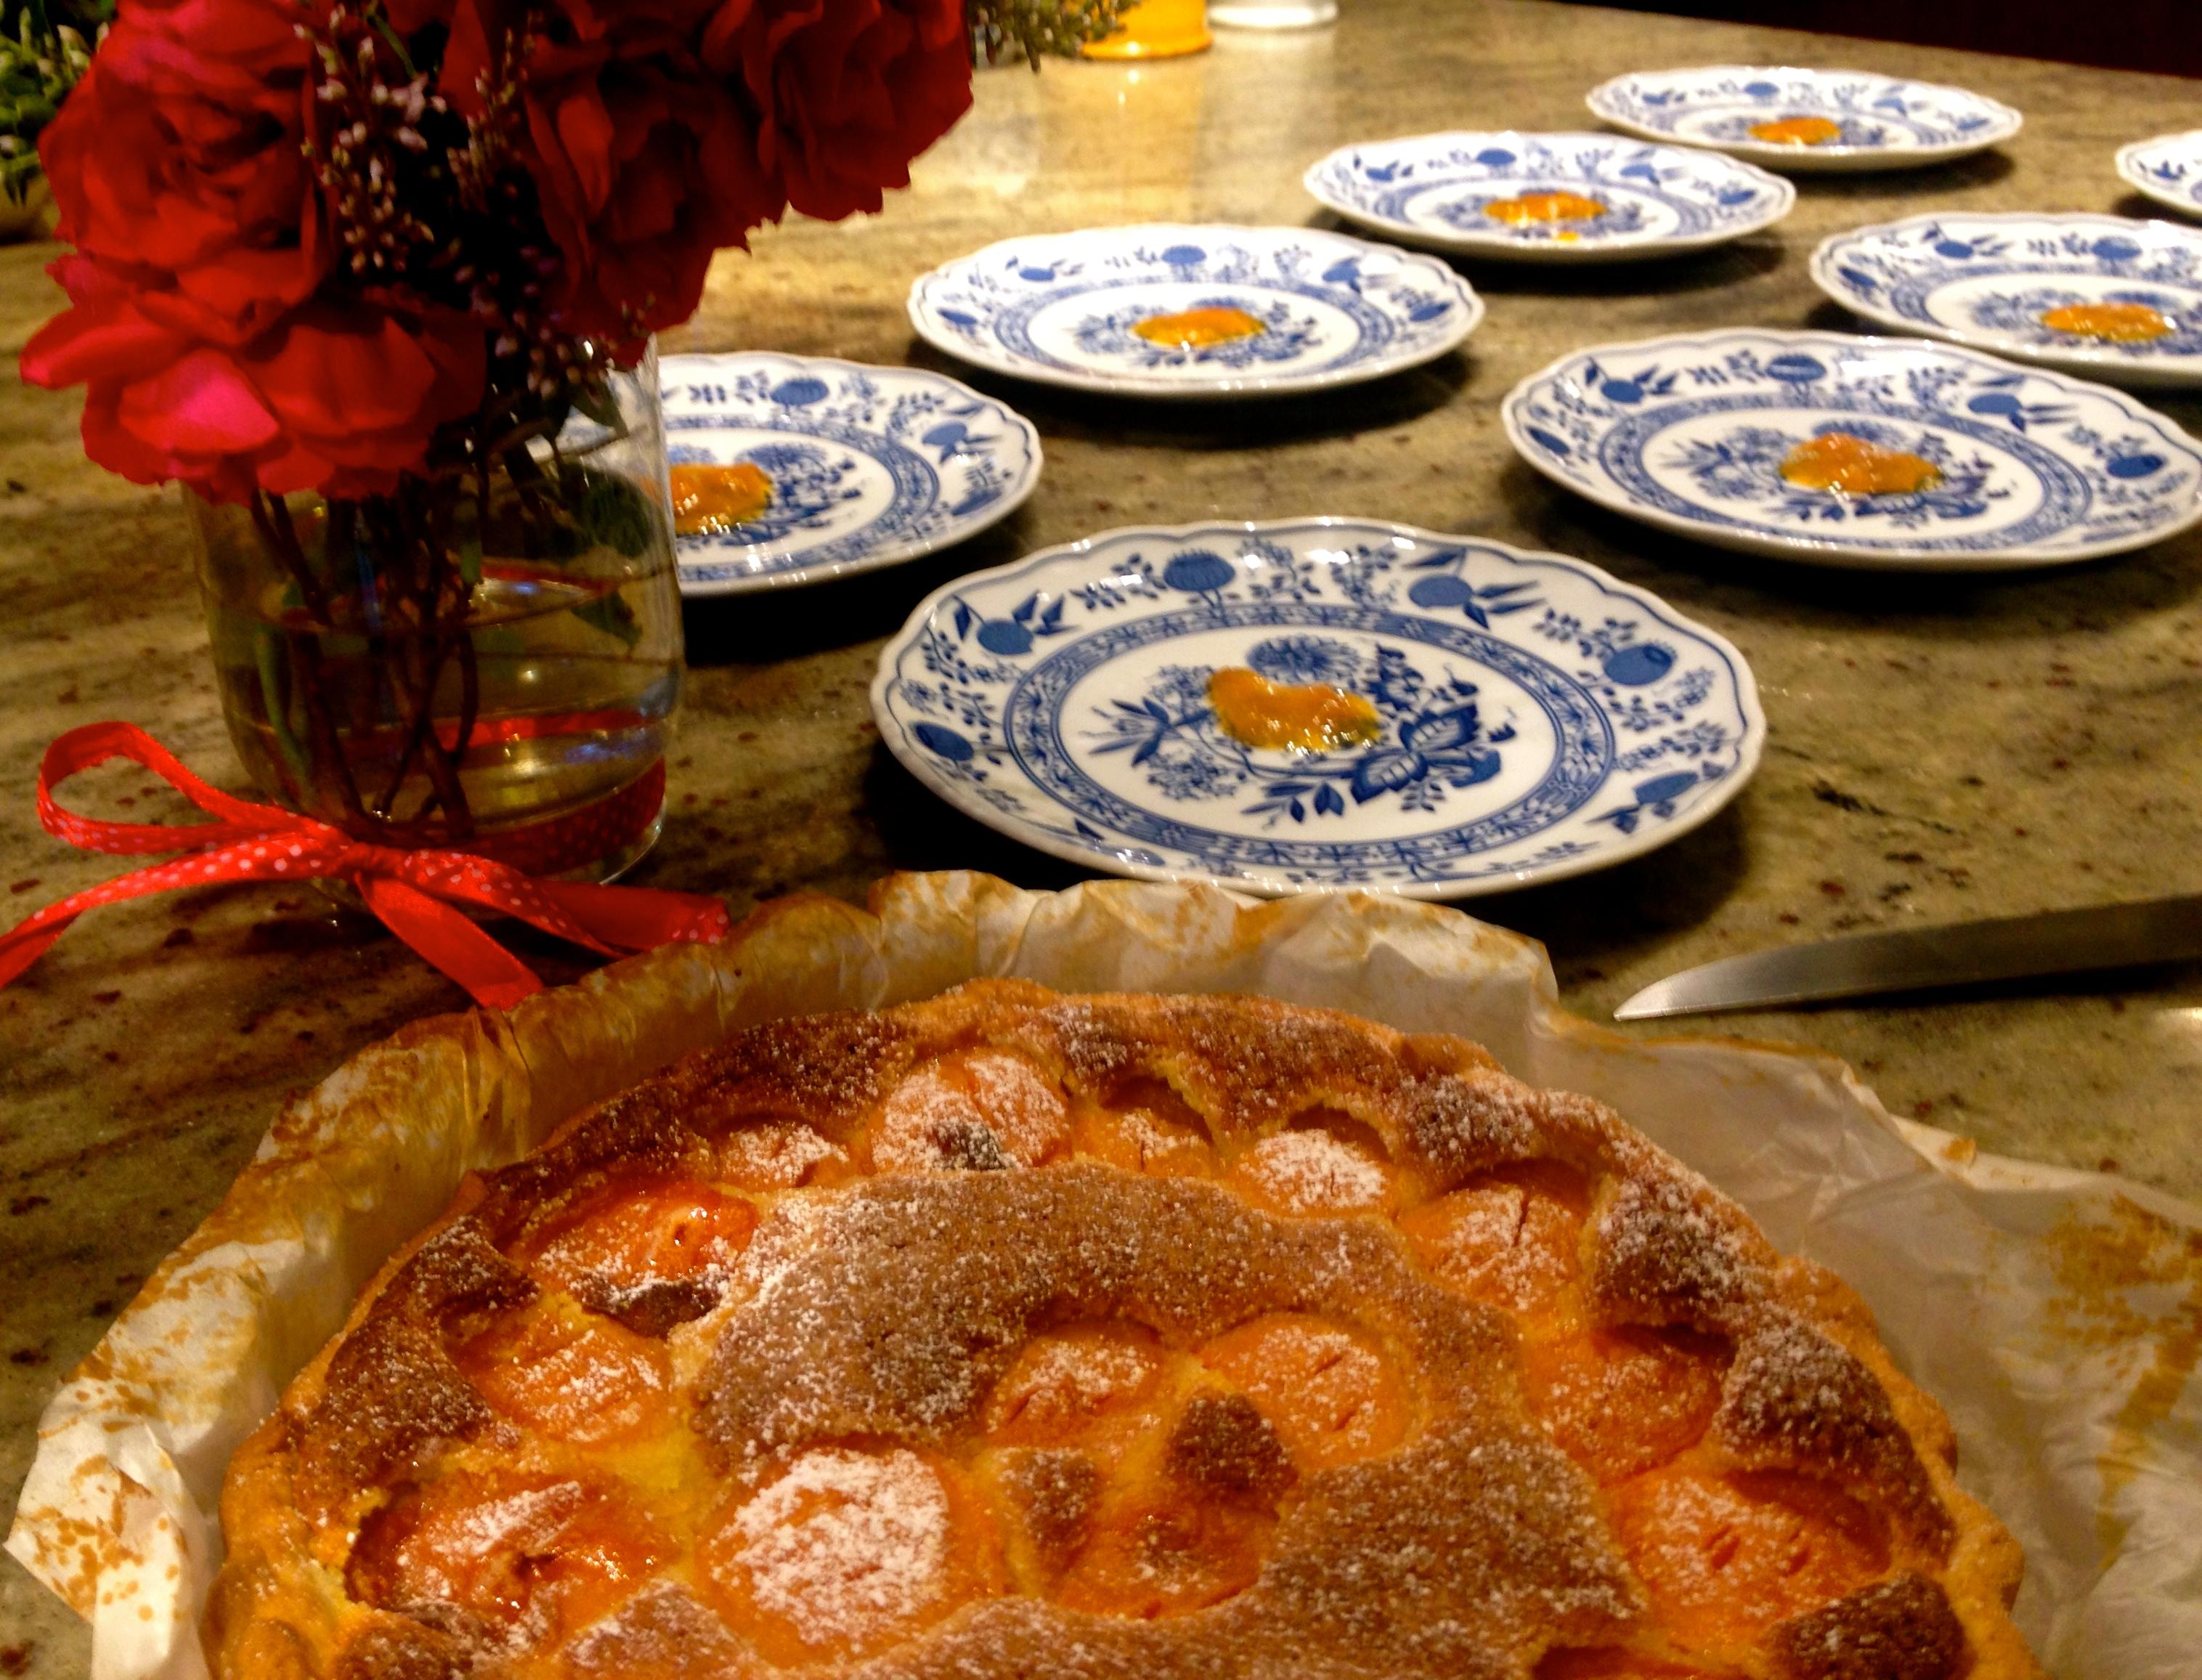 Iedere avond een ander nagerecht. Dit is een amandine taart met abrikozen. Kijk er ons dessertenboek maar eens op na :) ! Info over verblijven bij ons op www.lamaisonblancheauxvoletsbleus.com